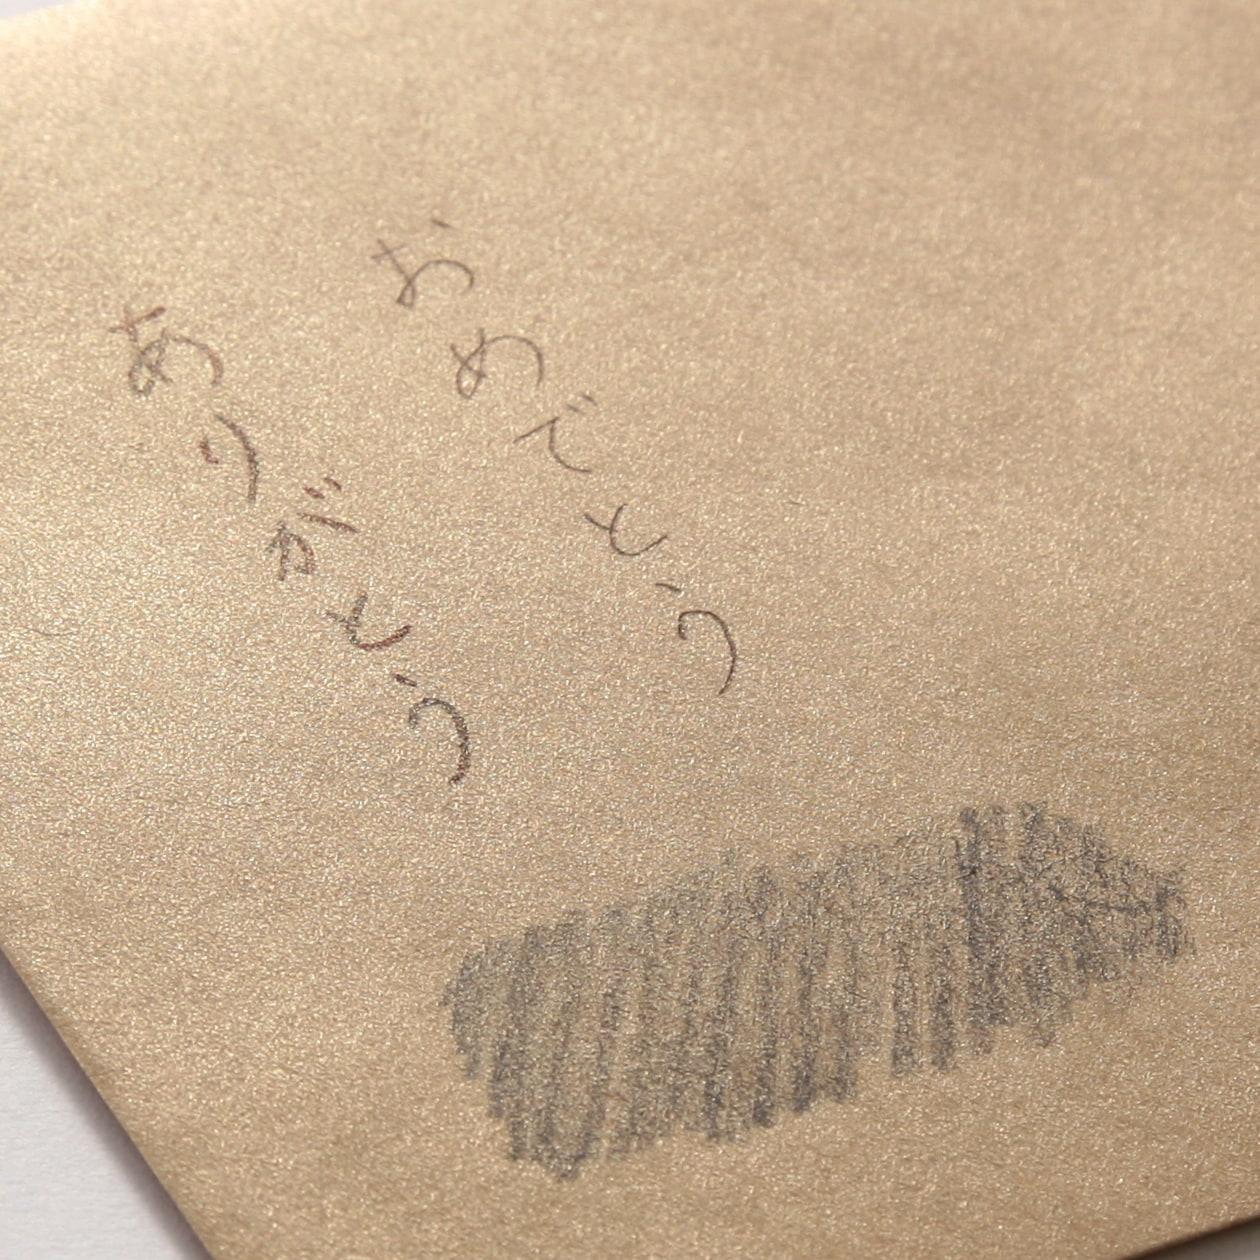 洋2カマス封筒 クラシッククラフト ゴールド 107.5g